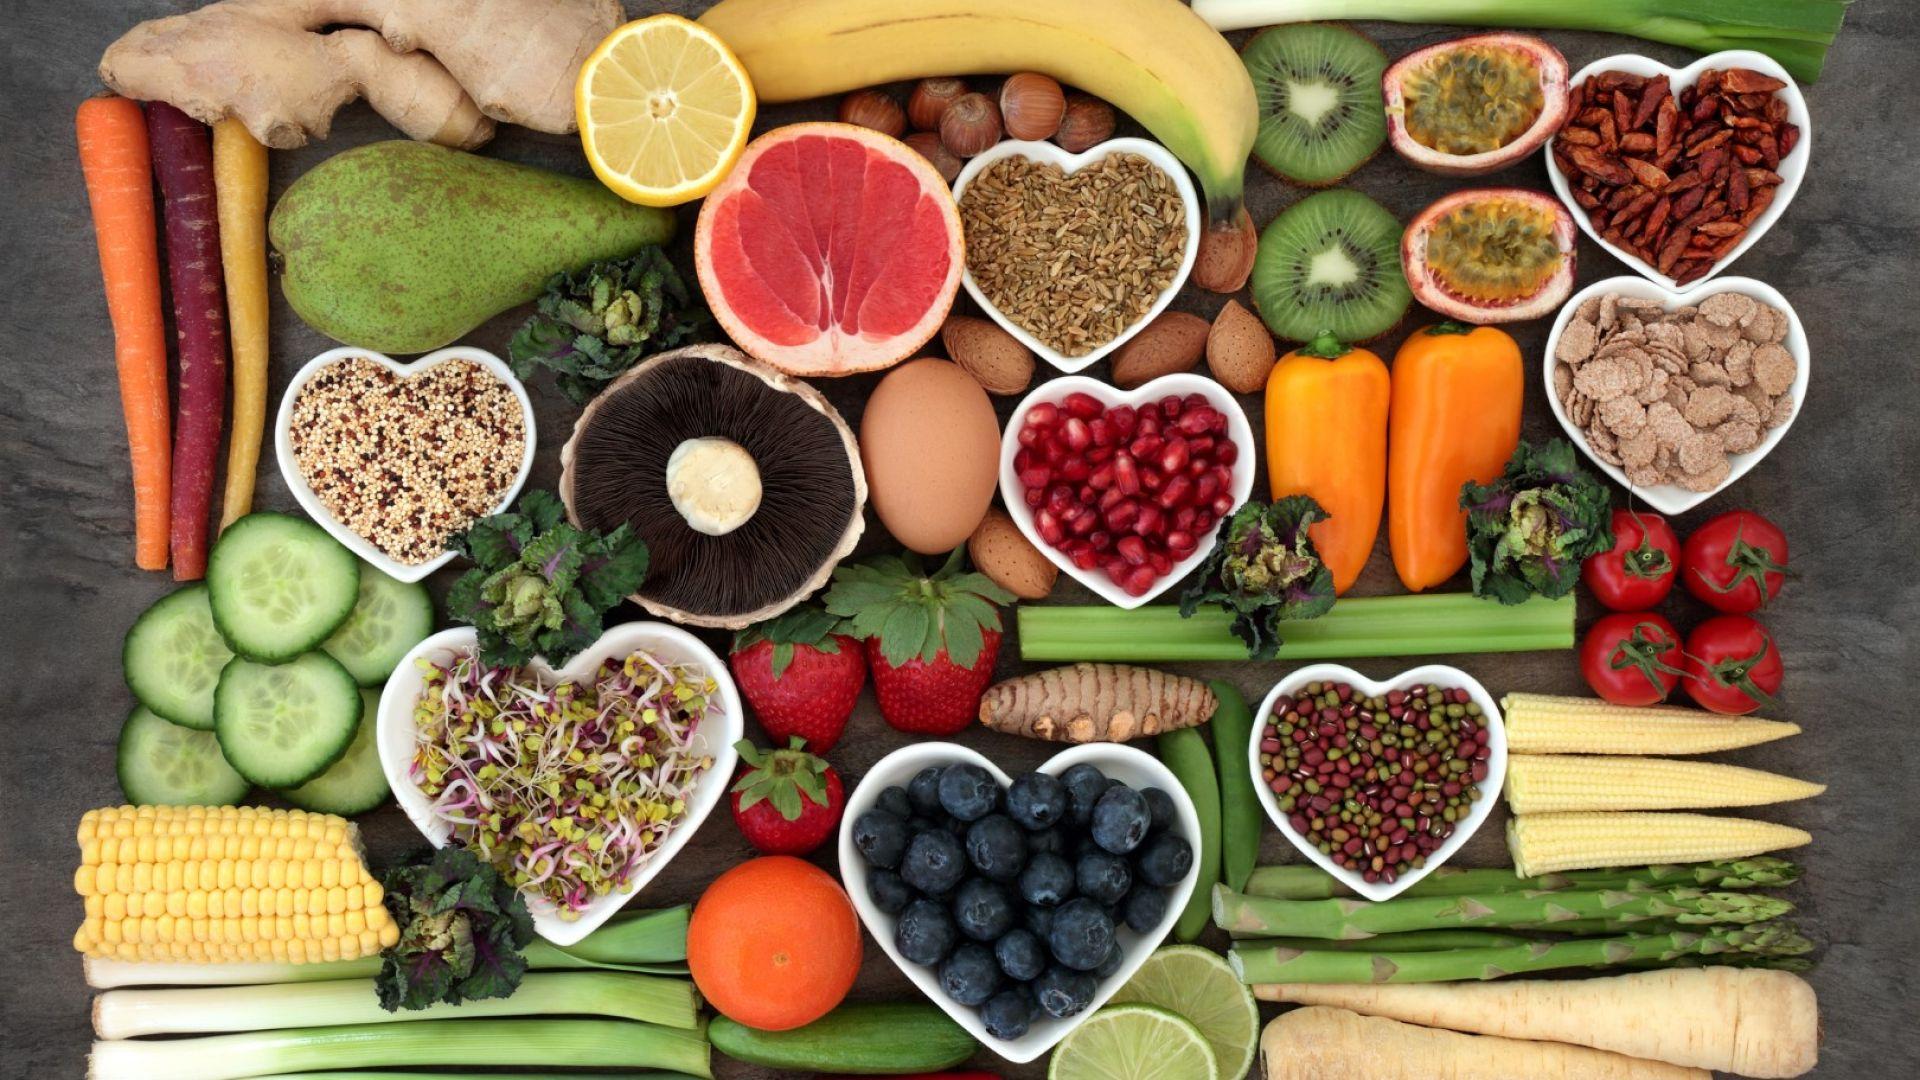 10 храни, които можем да похапваме често и да не пълнеем